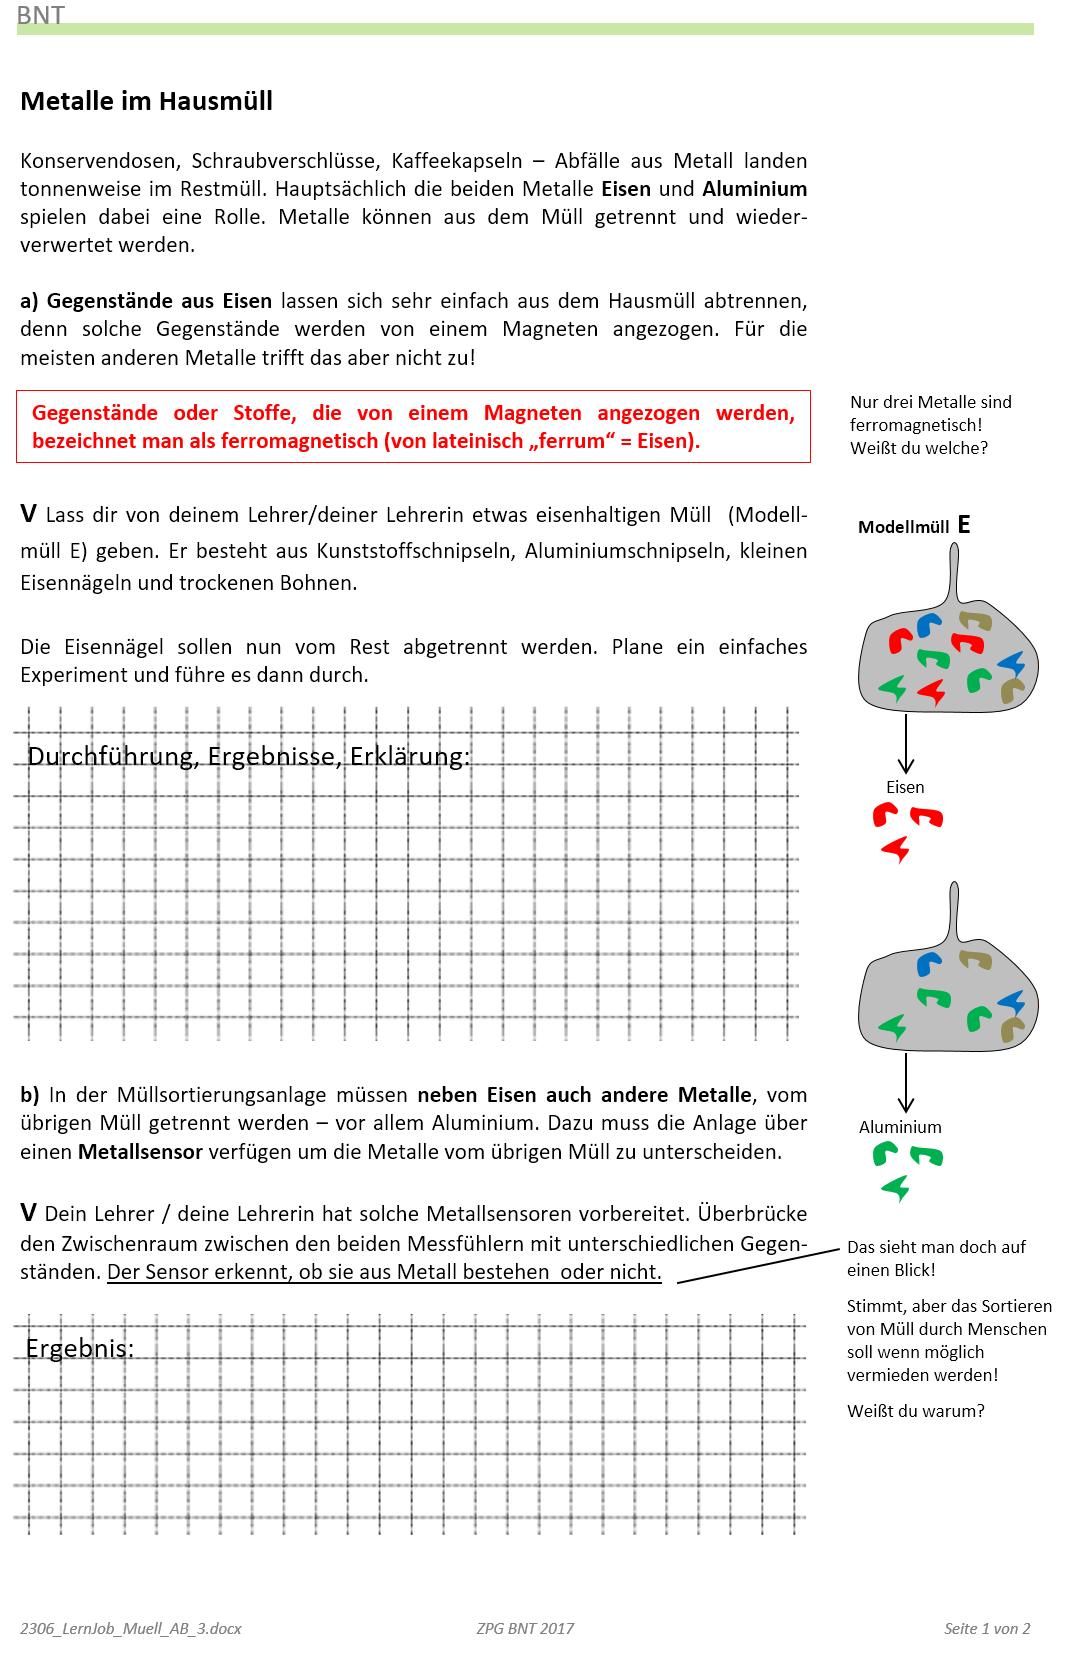 Gemütlich Wissenschaftliche Methode Arbeitsblatt Ideen - FORTSETZUNG ...